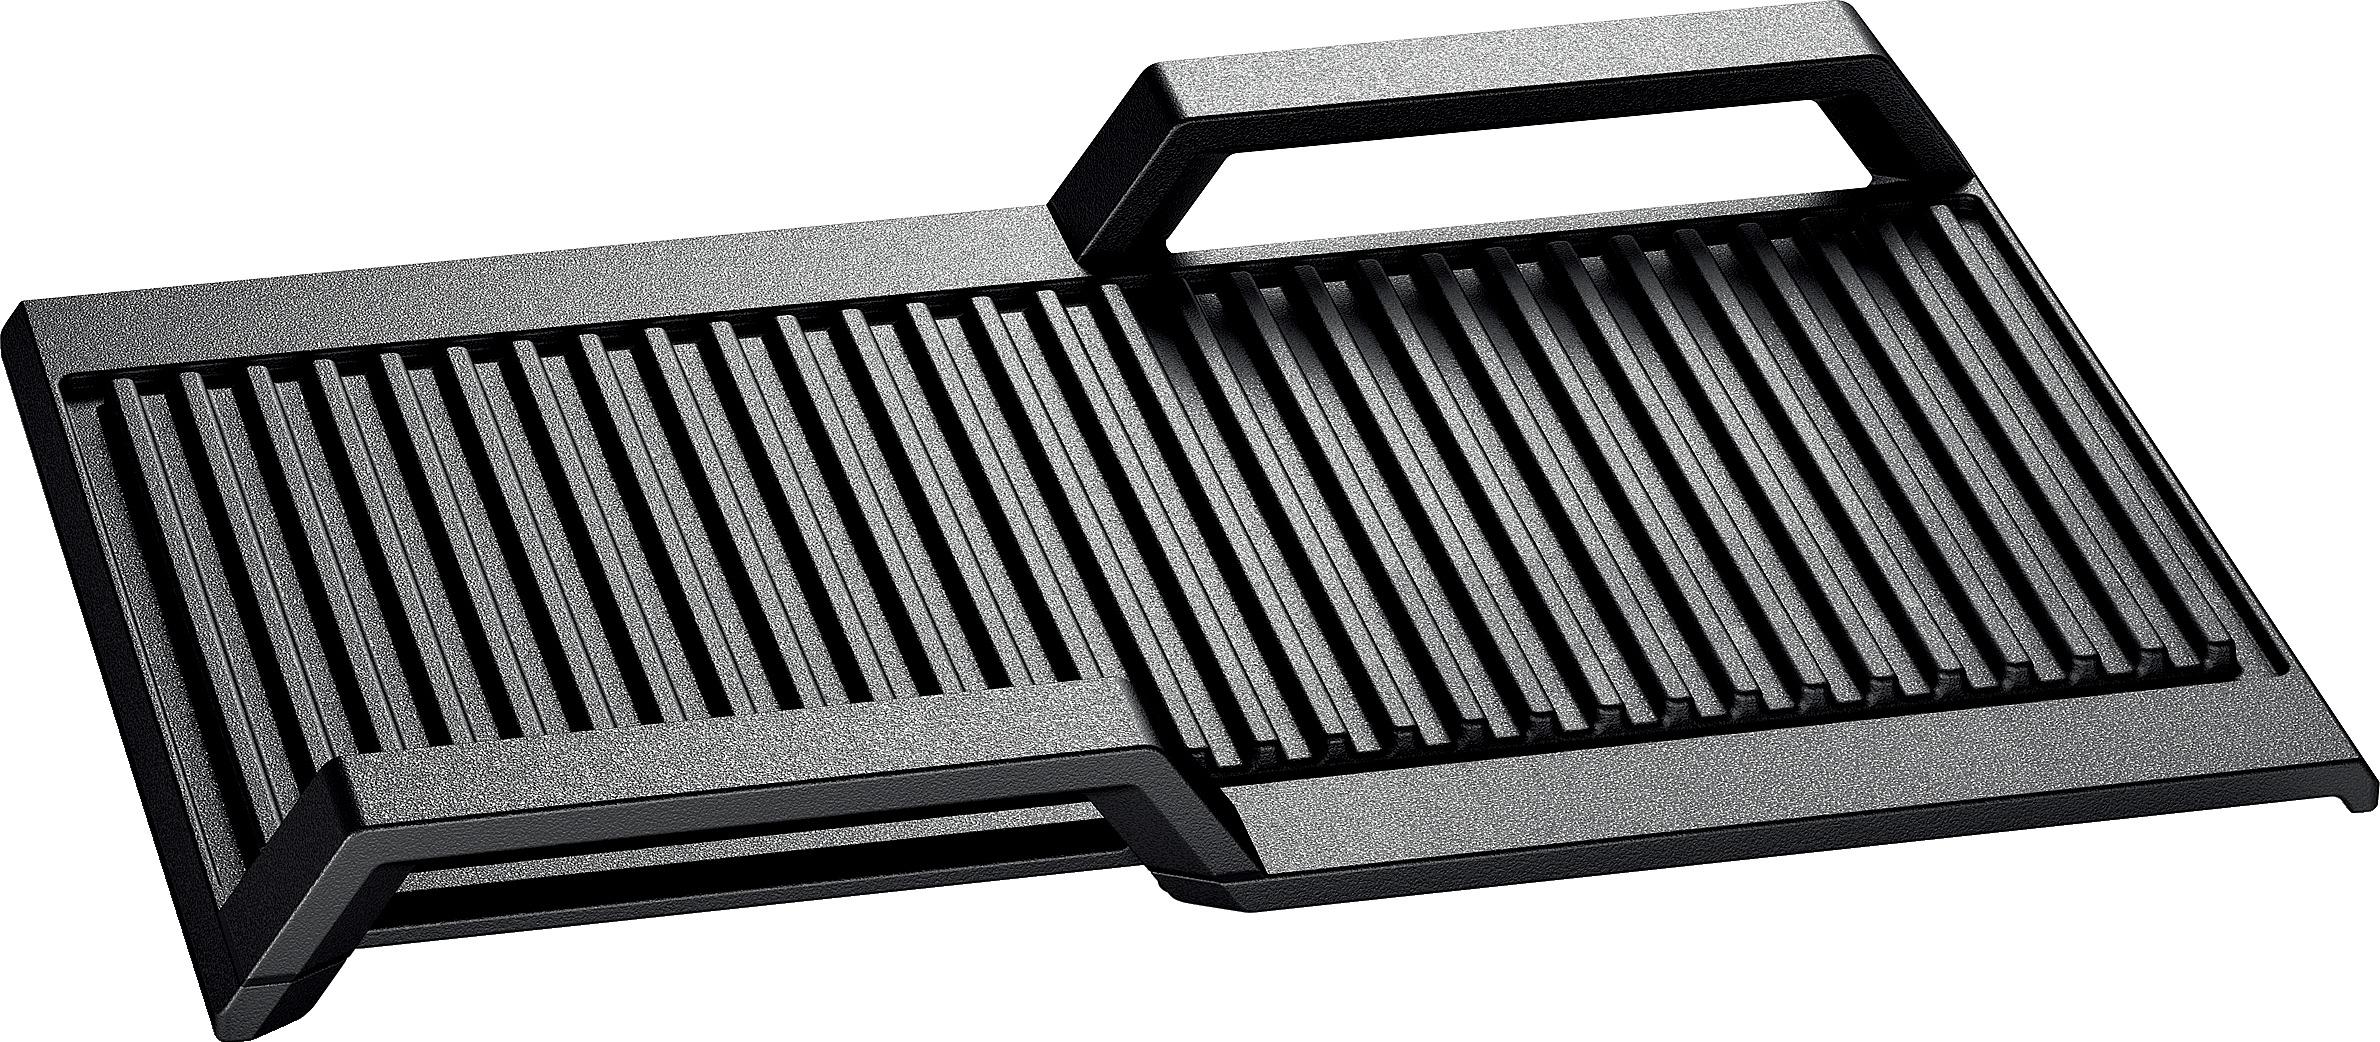 Siemens HZ390522 Grill voor flexInduction kookplaat online kopen